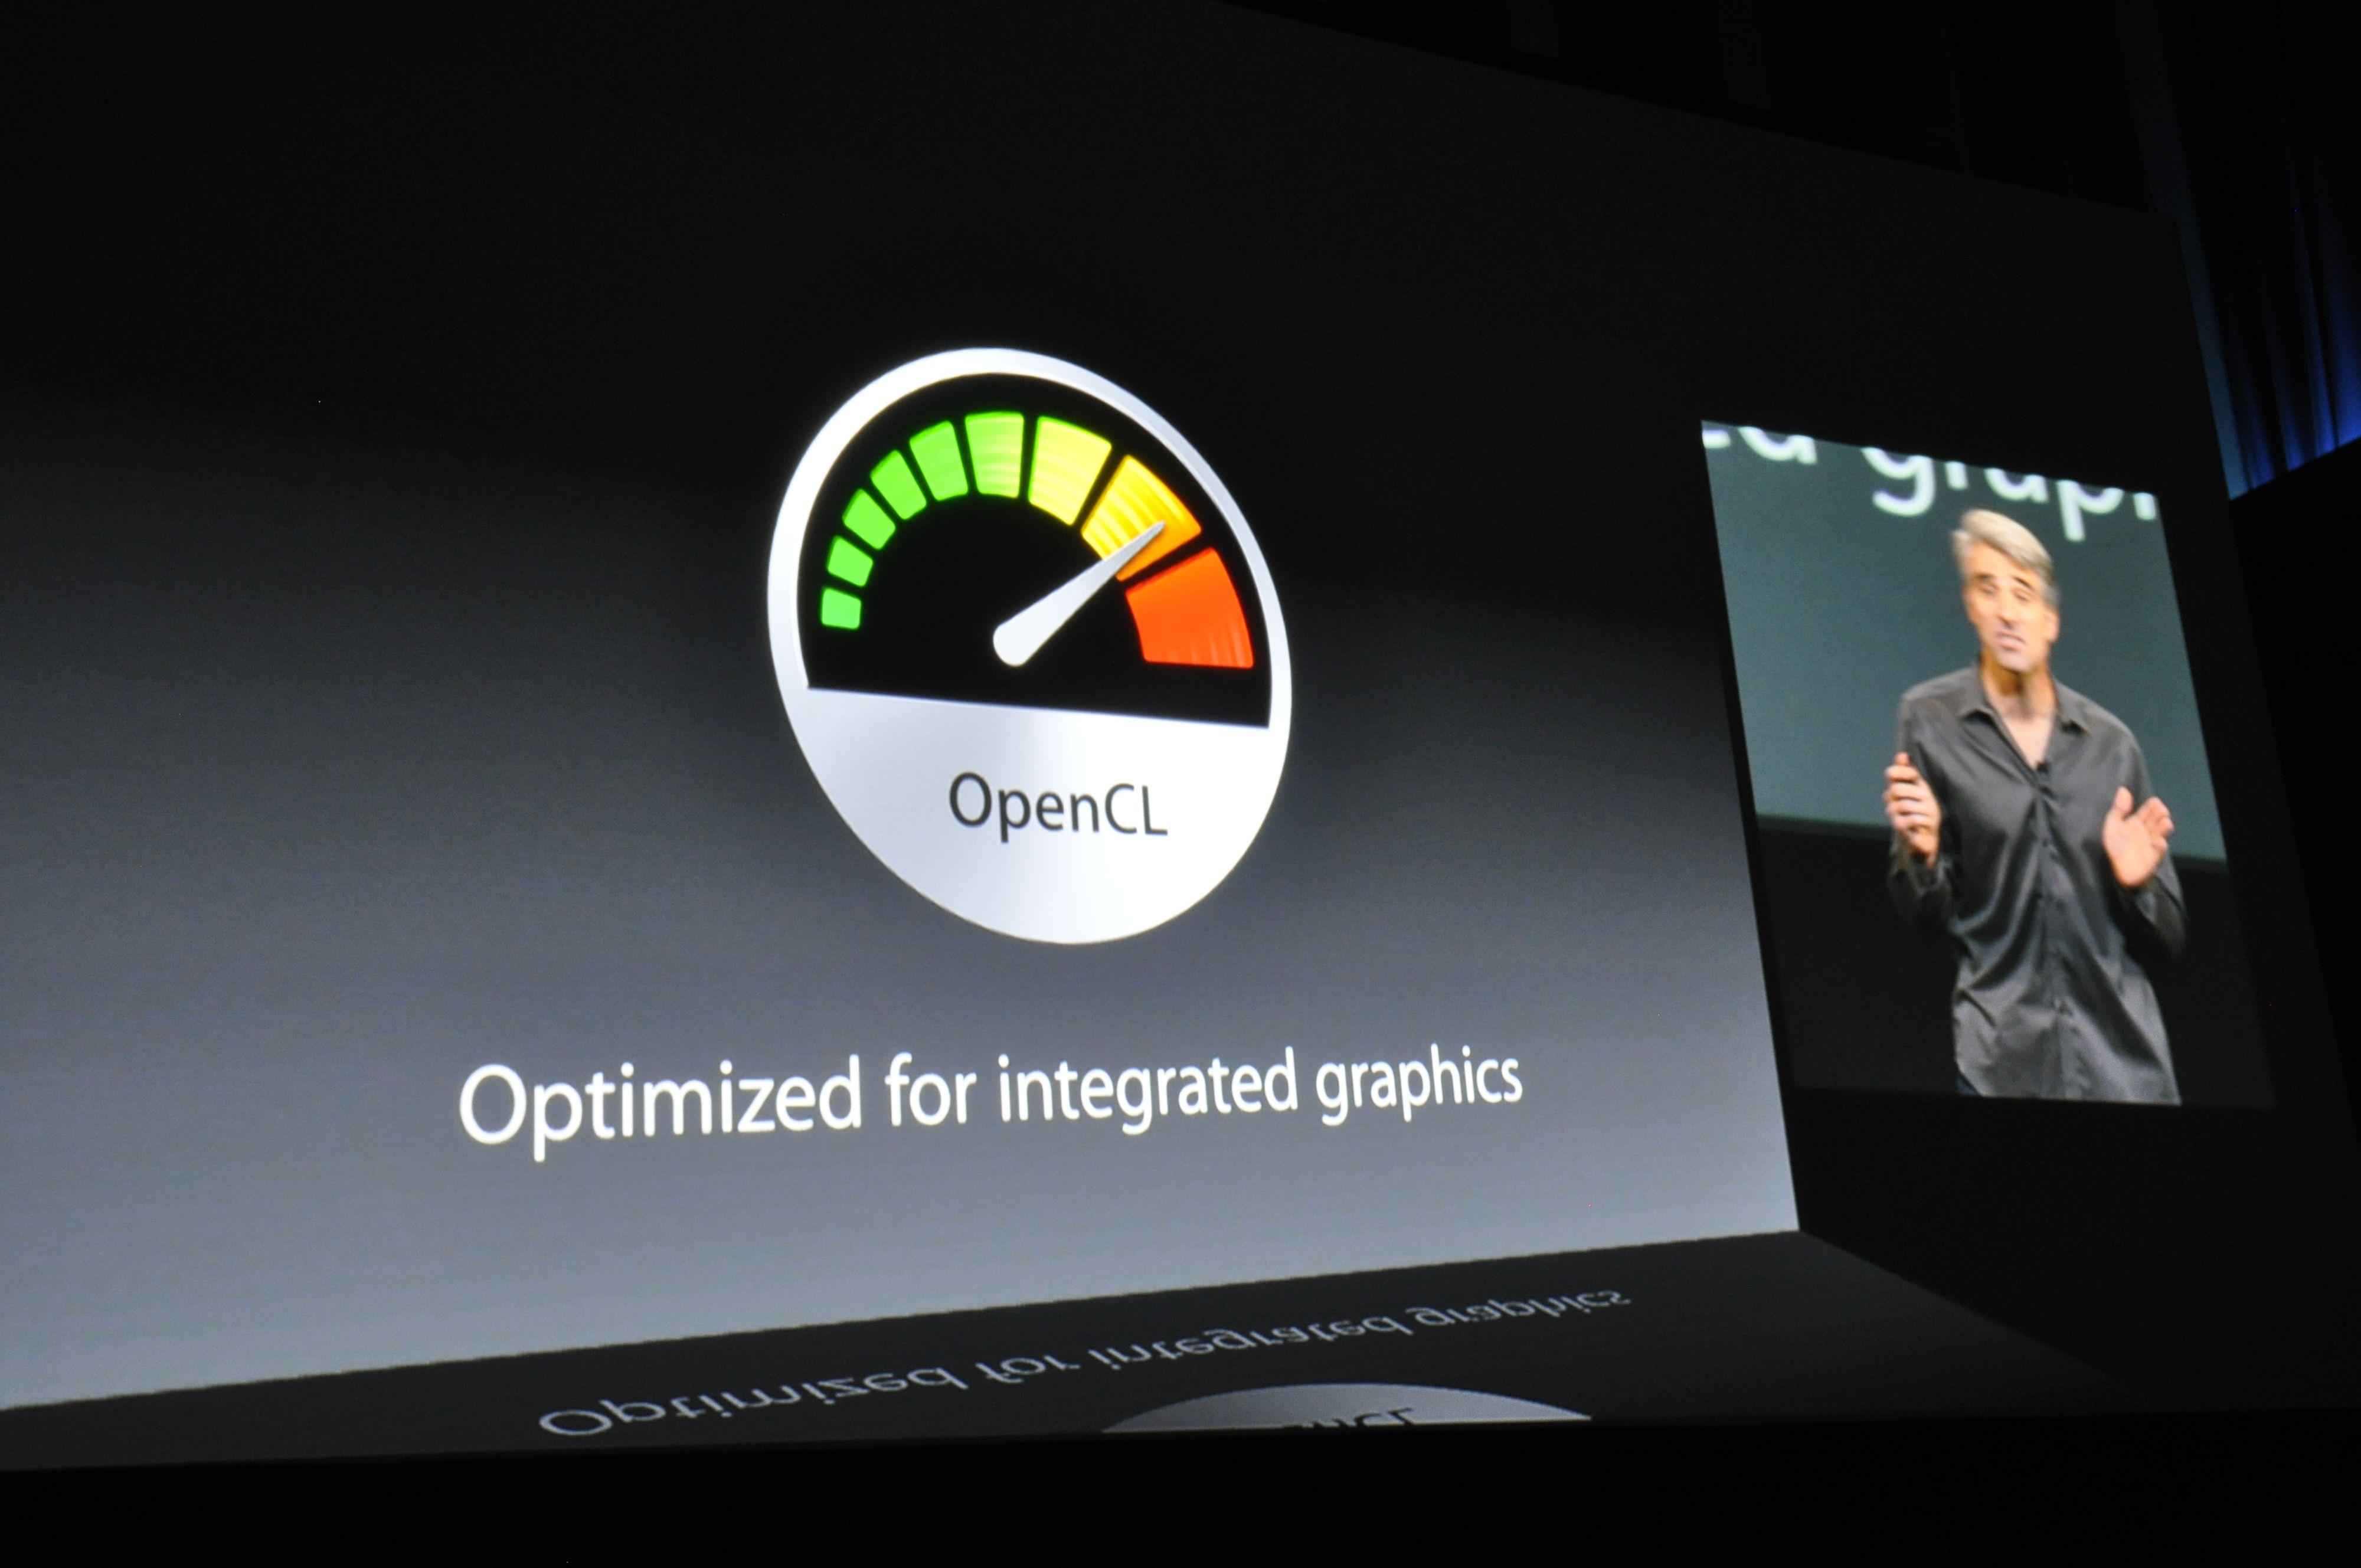 Nye OS X Mavericks har spesialtilpasninger for integrerte grafikkløsninger. Foto: Finn Jarle Kvalheim, Amobil.no